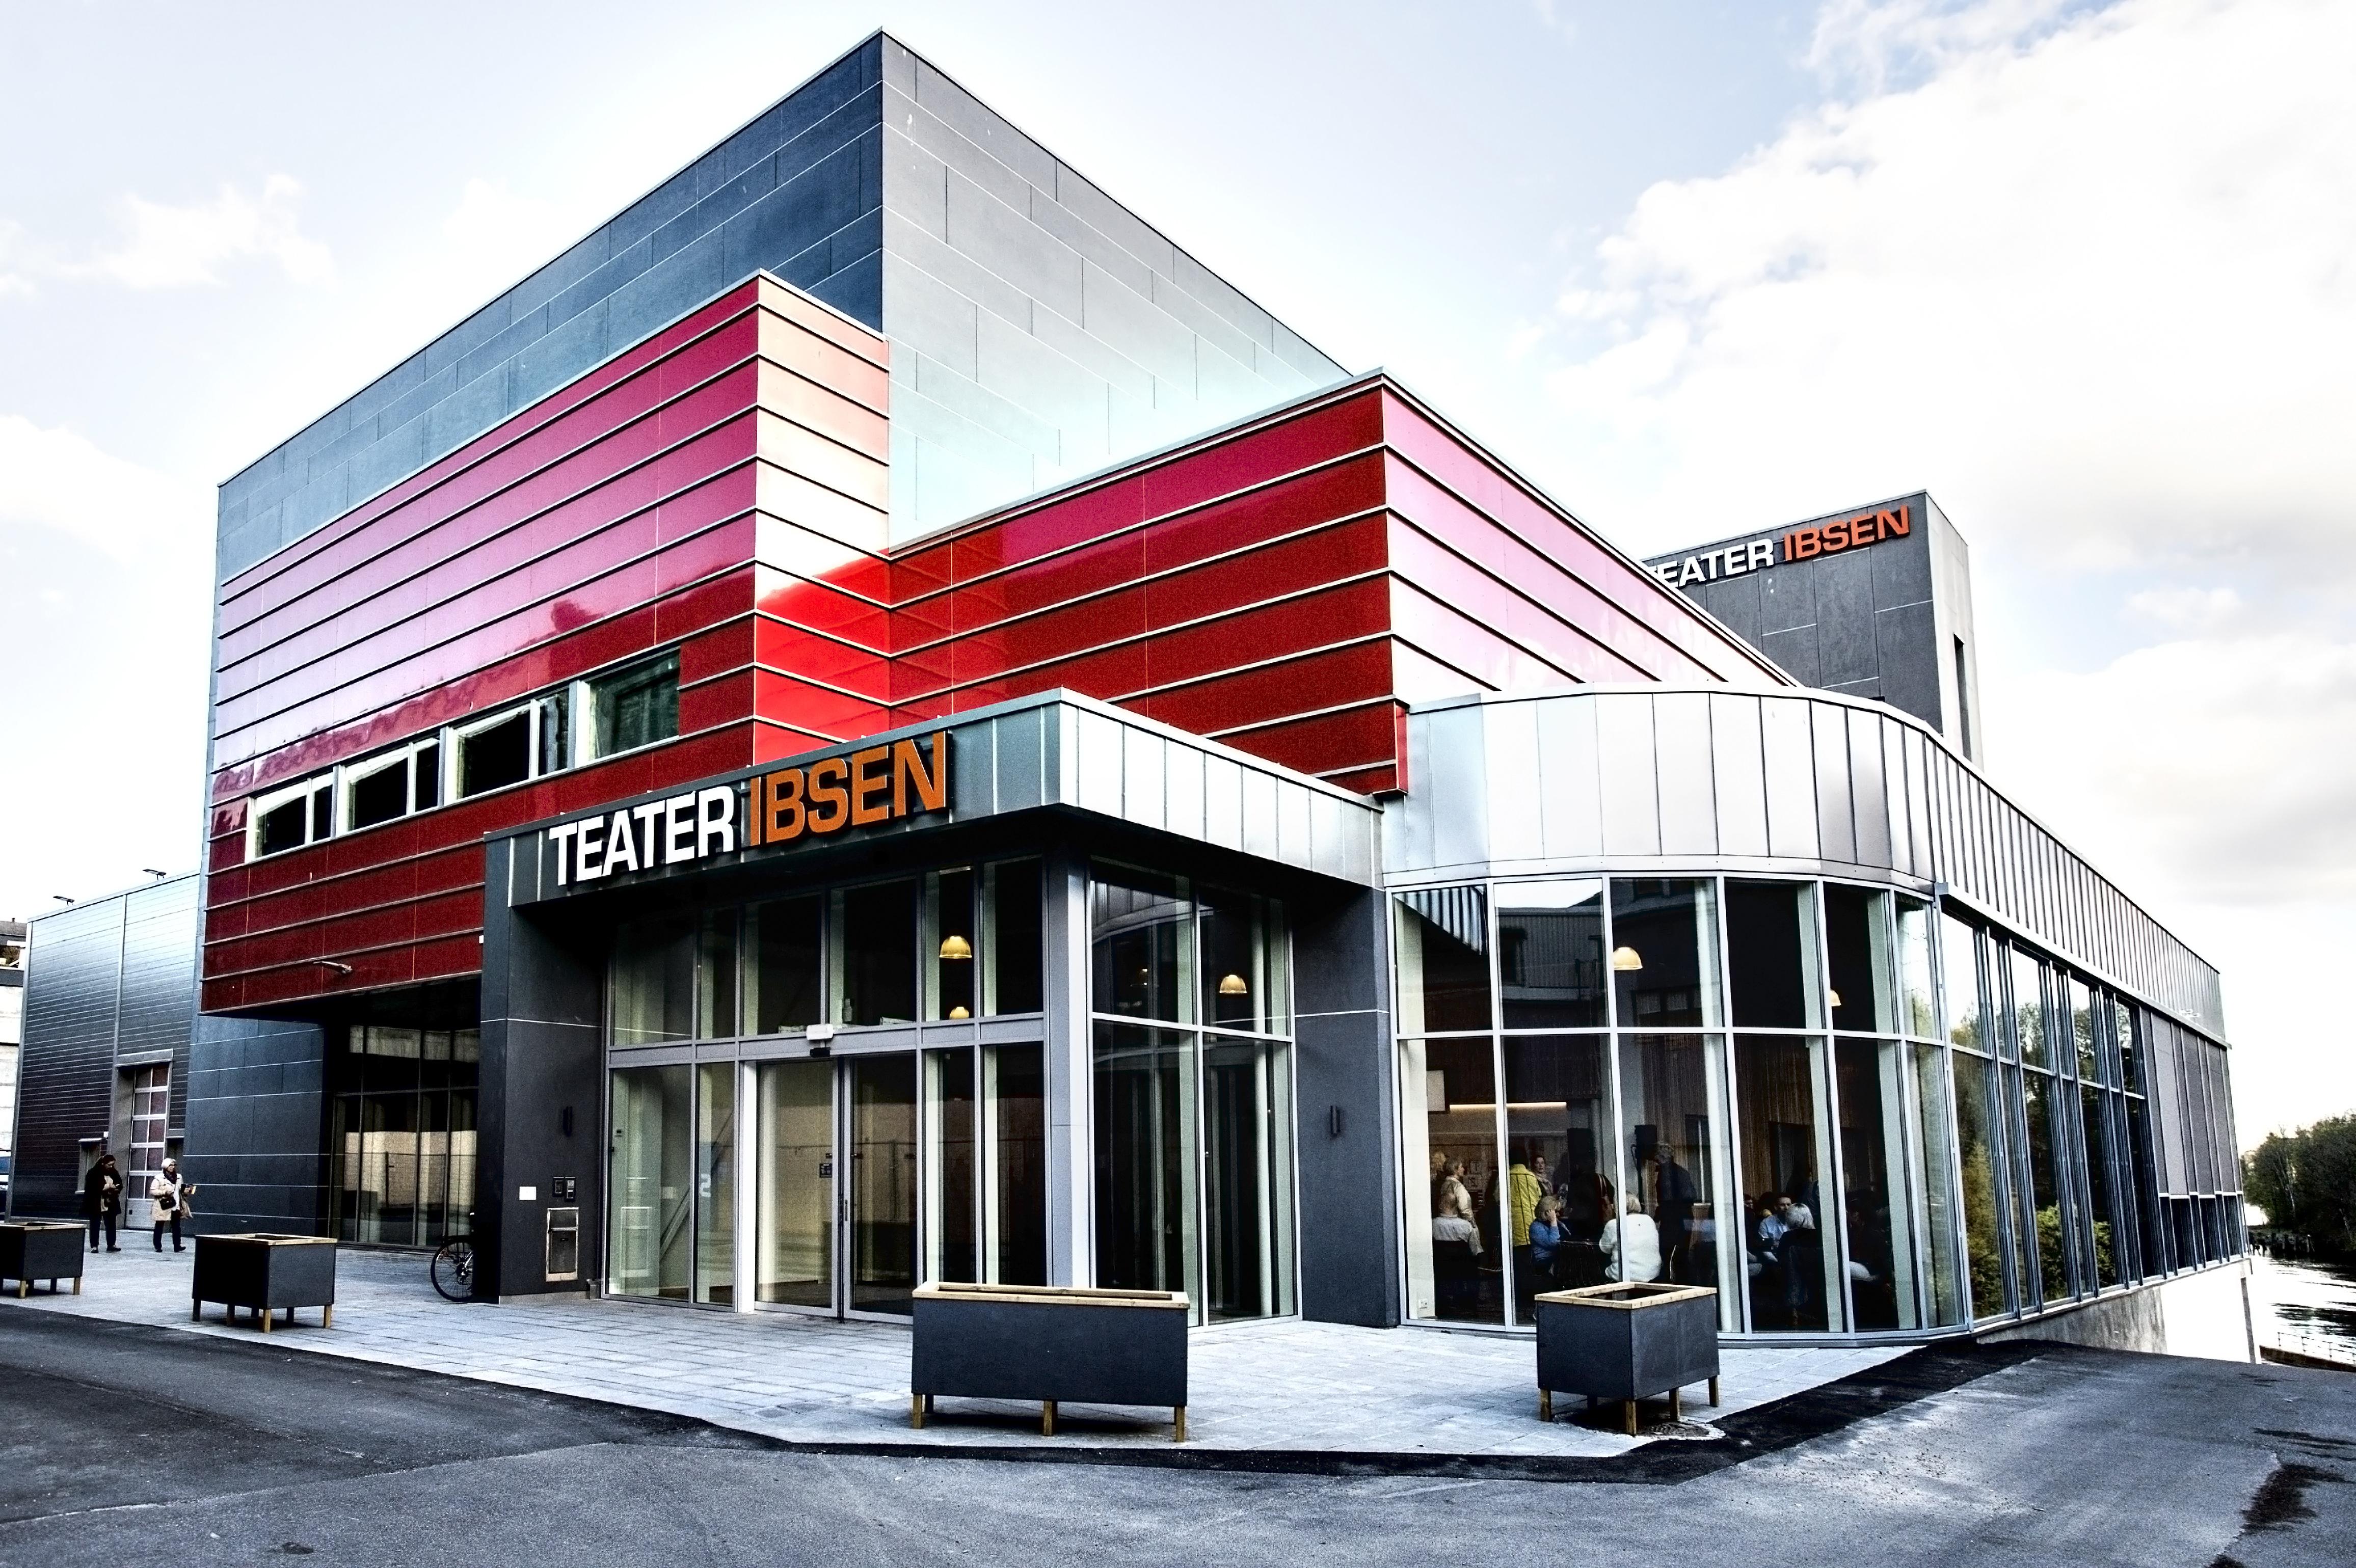 Teater Ibsen, © Christer L. Sørensen